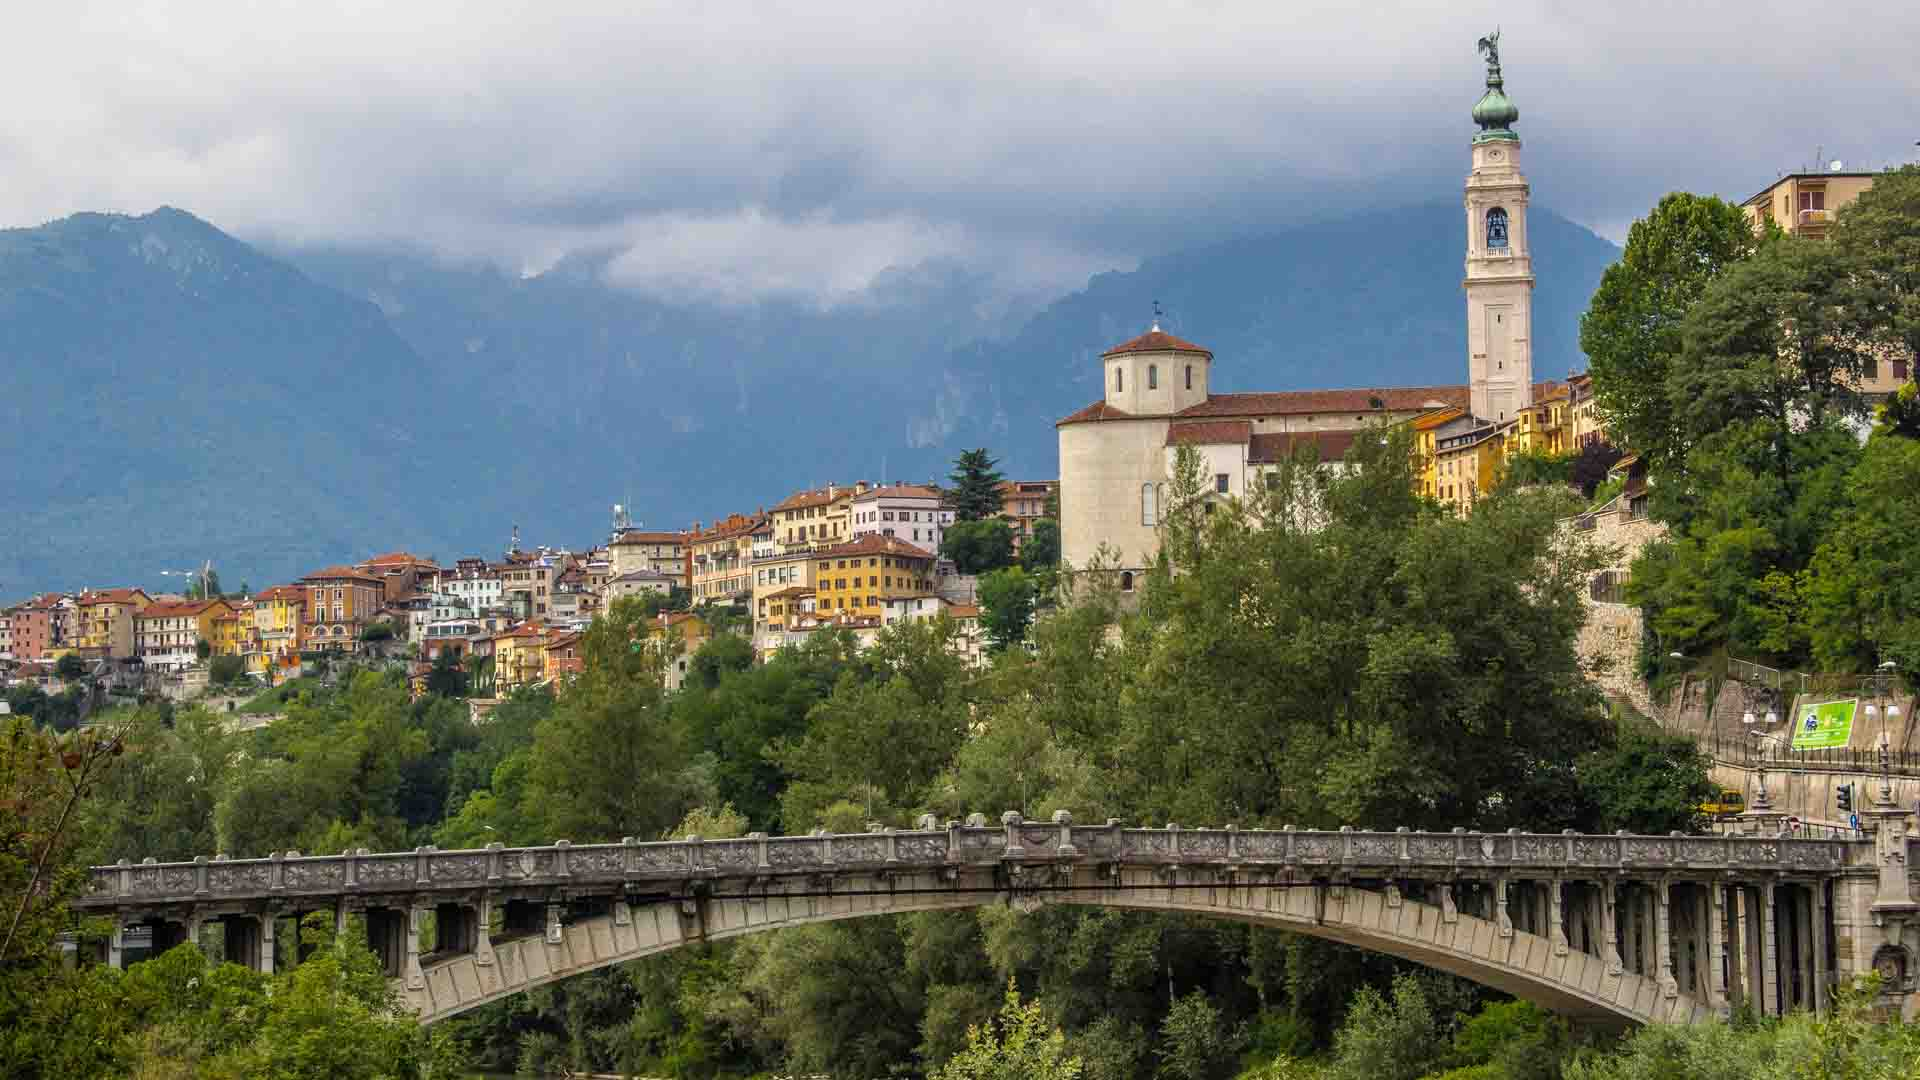 Province dove si vive meglio in Italia: la classifica del Sole 24 Ore per il 2017